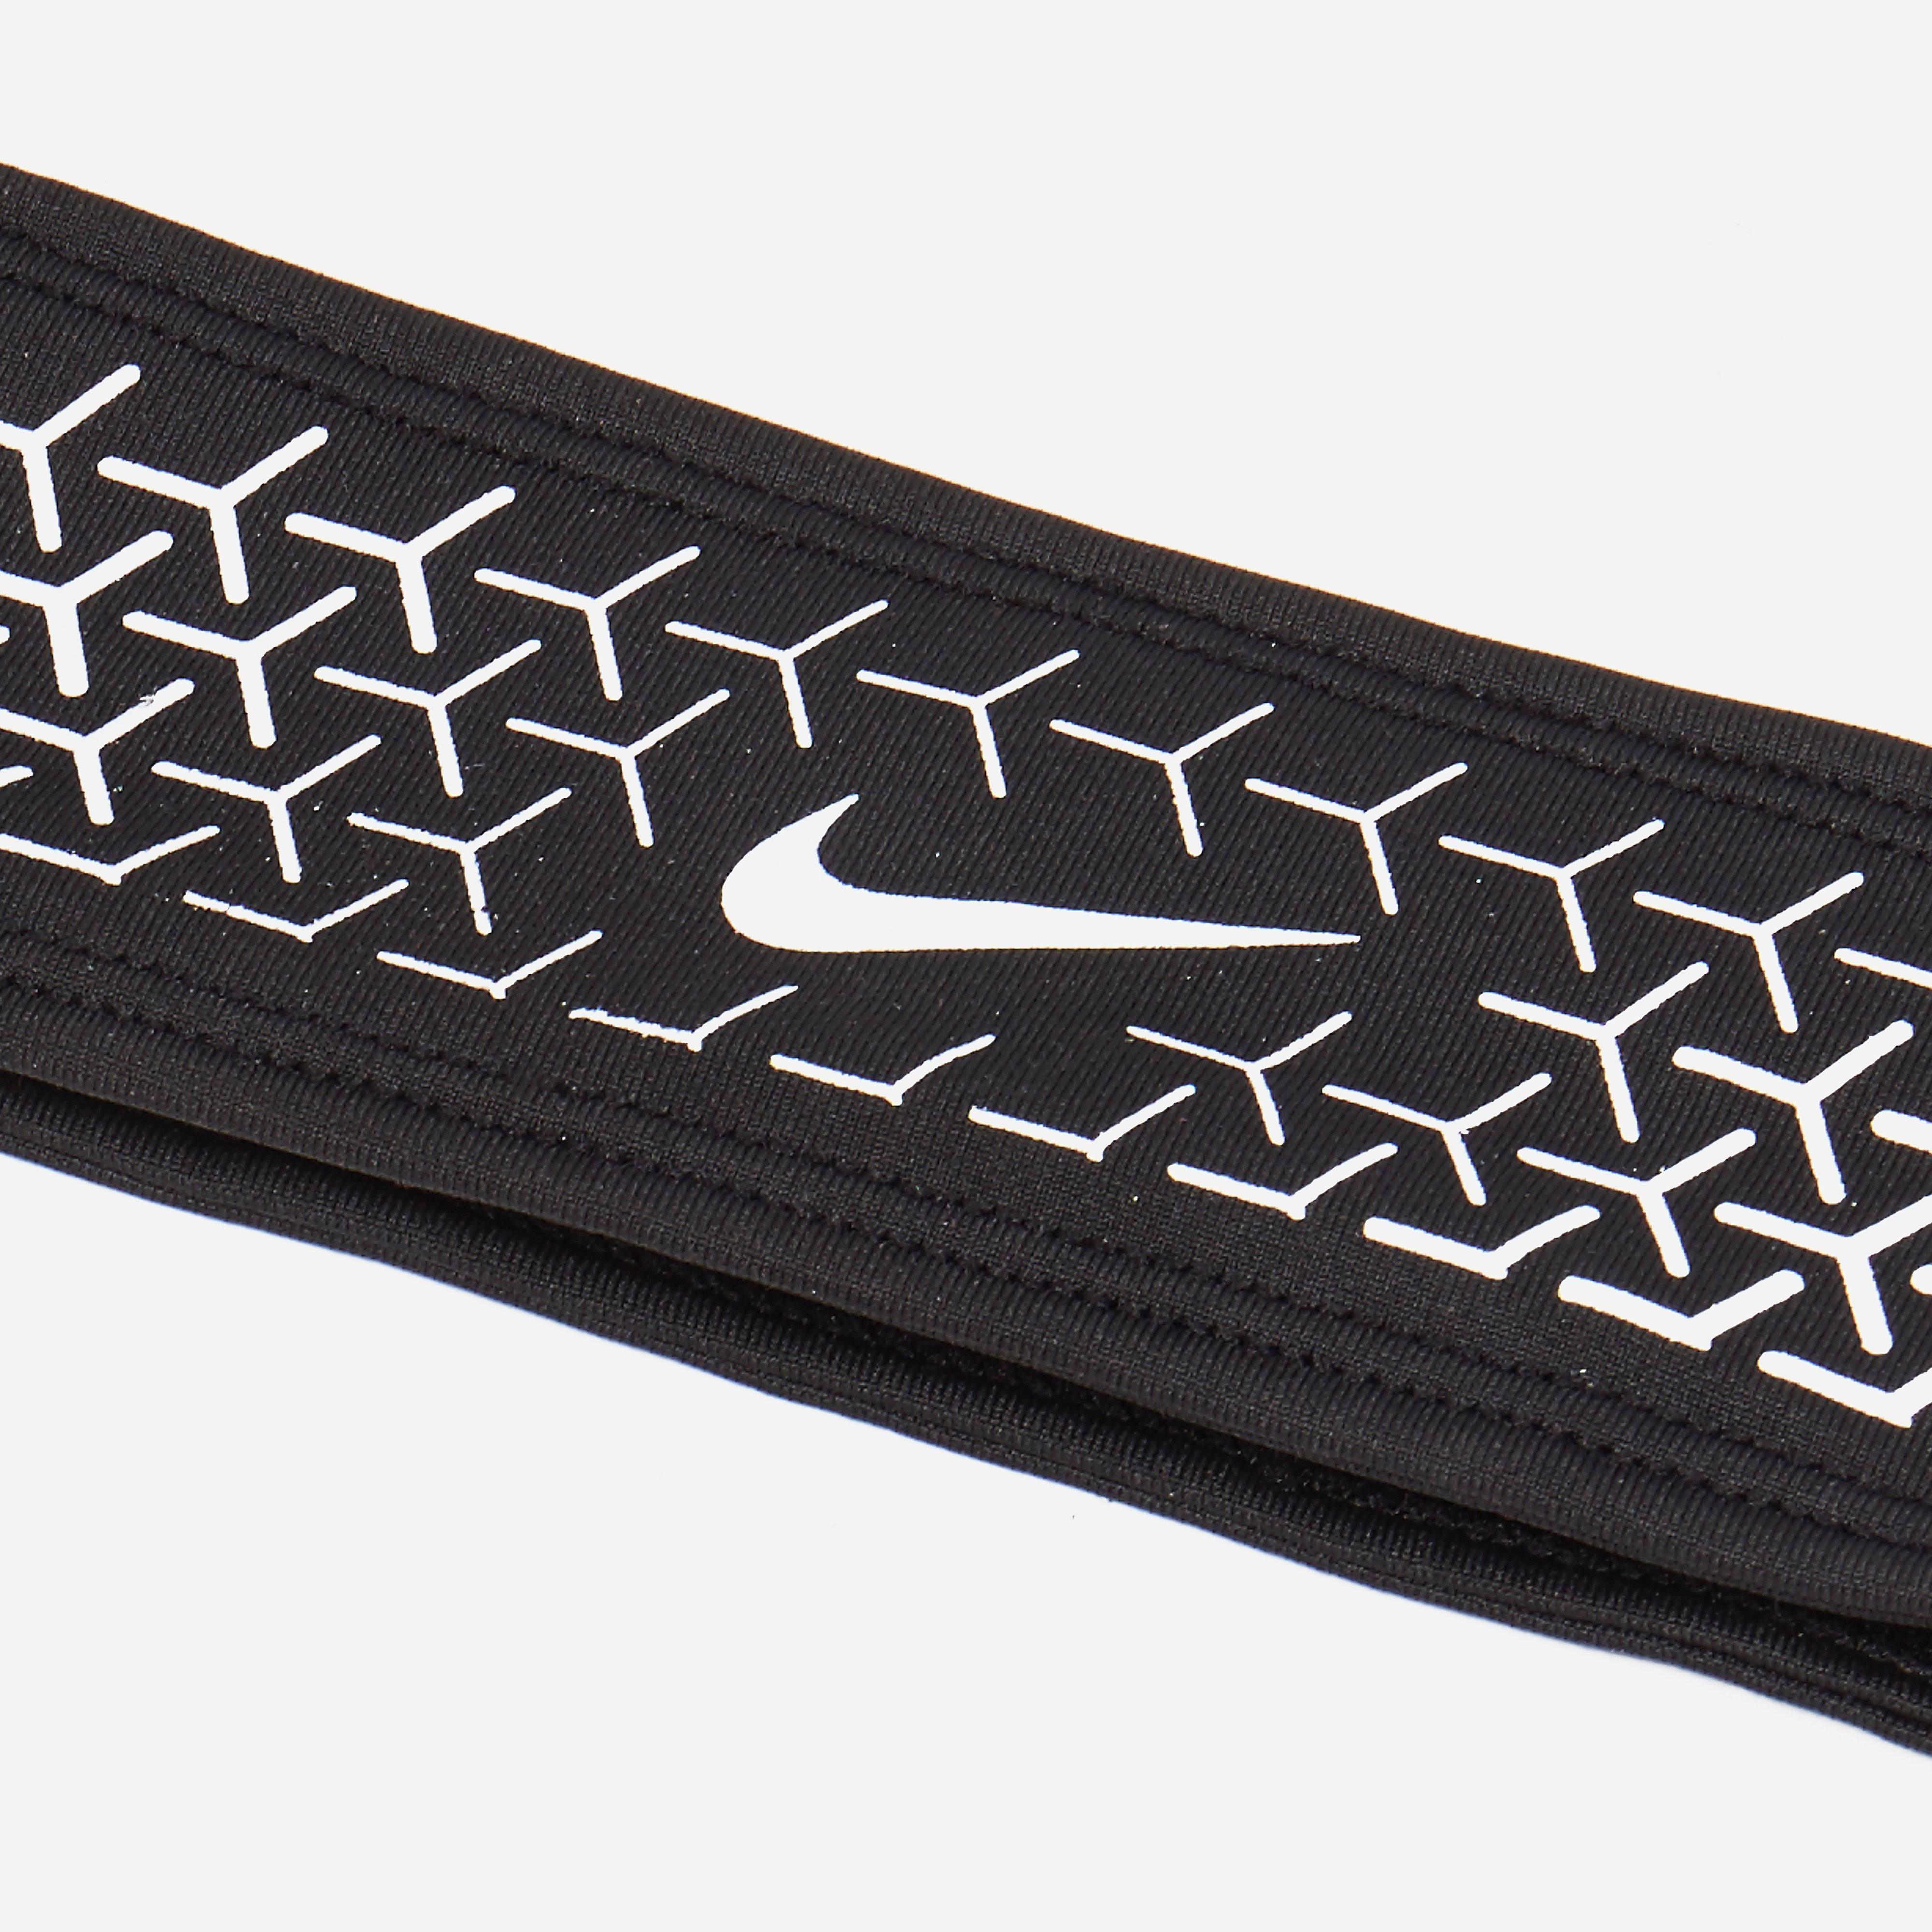 Nike Dri-FIT 2.0 Headband